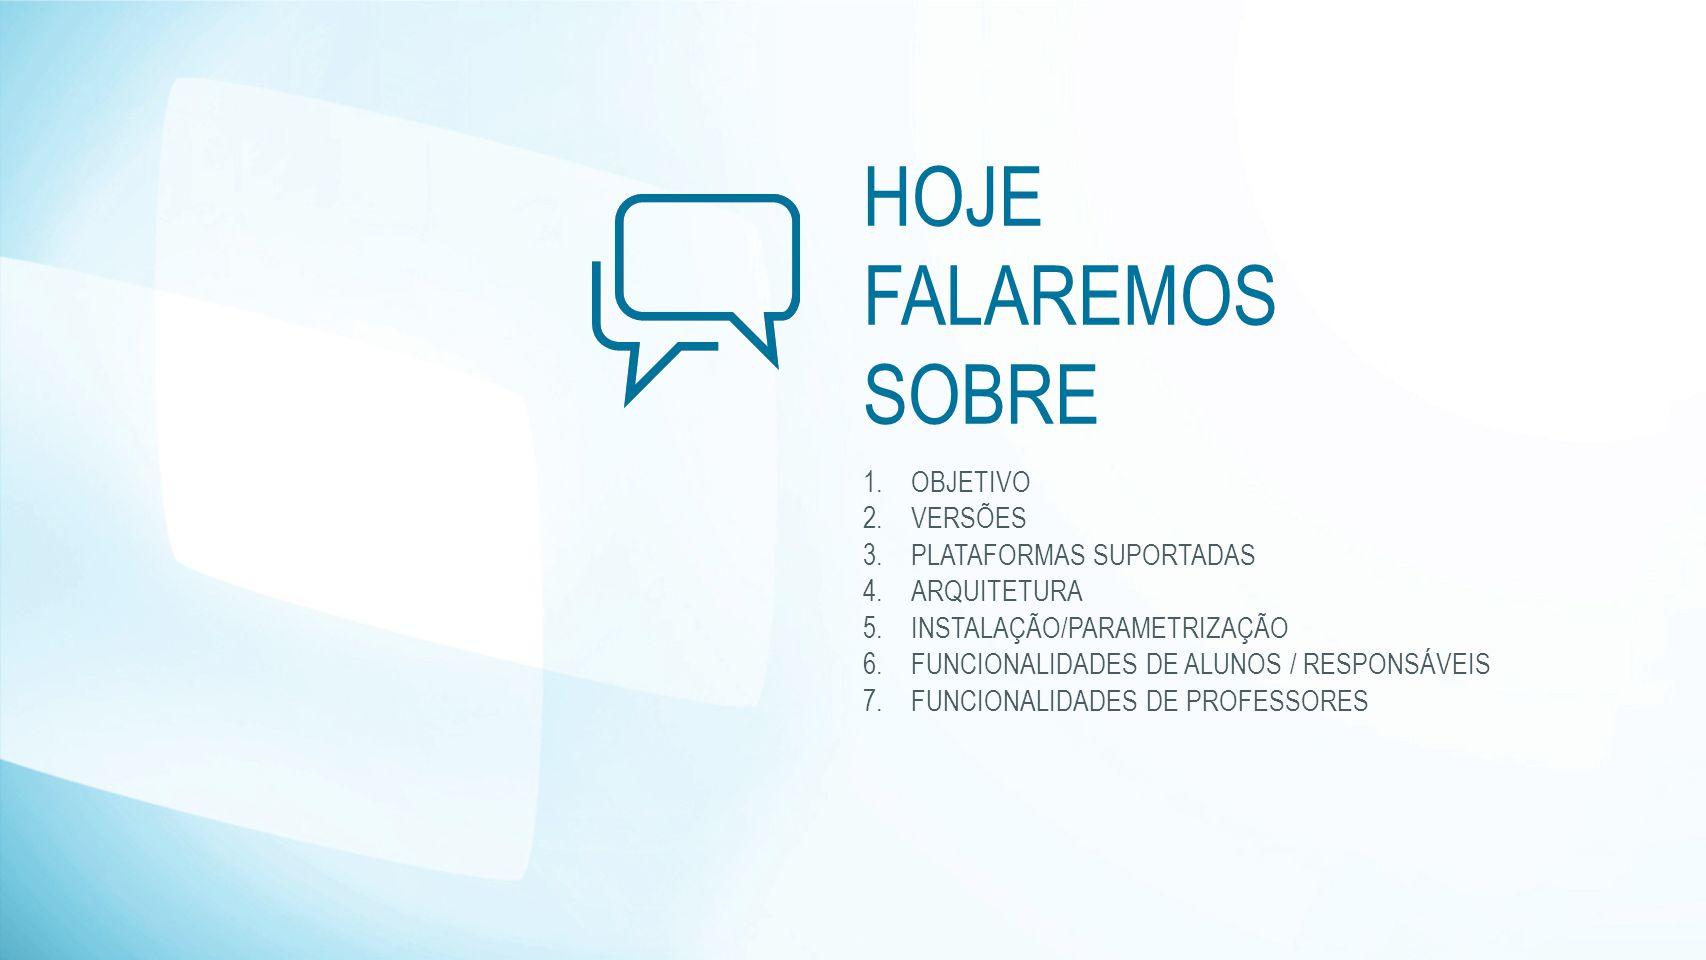 HOJE FALAREMOS SOBRE 1.OBJETIVO 2.VERSÕES 3.PLATAFORMAS SUPORTADAS 4.ARQUITETURA 5.INSTALAÇÃO/PARAMETRIZAÇÃO 6.FUNCIONALIDADES DE ALUNOS / RESPONSÁVEI